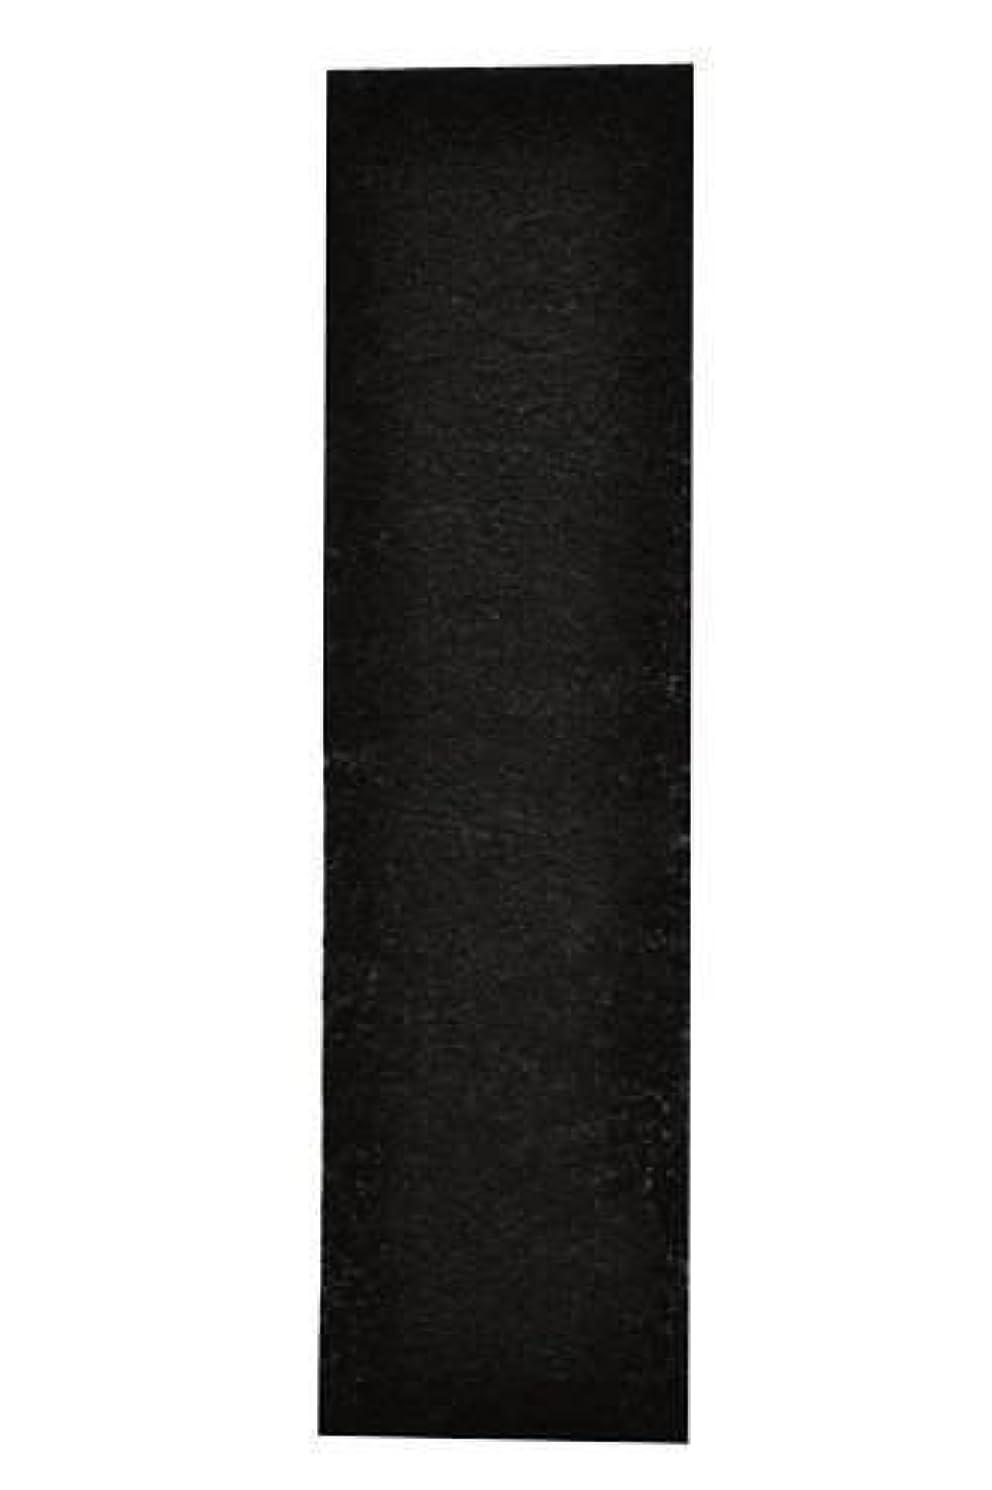 シーケンス鋸歯状それにもかかわらずCarbon Activated Pre-Filter 4-pack for use with the germguardian FLT5000/FLT5111 HEPA Filter for AC5000 Series...